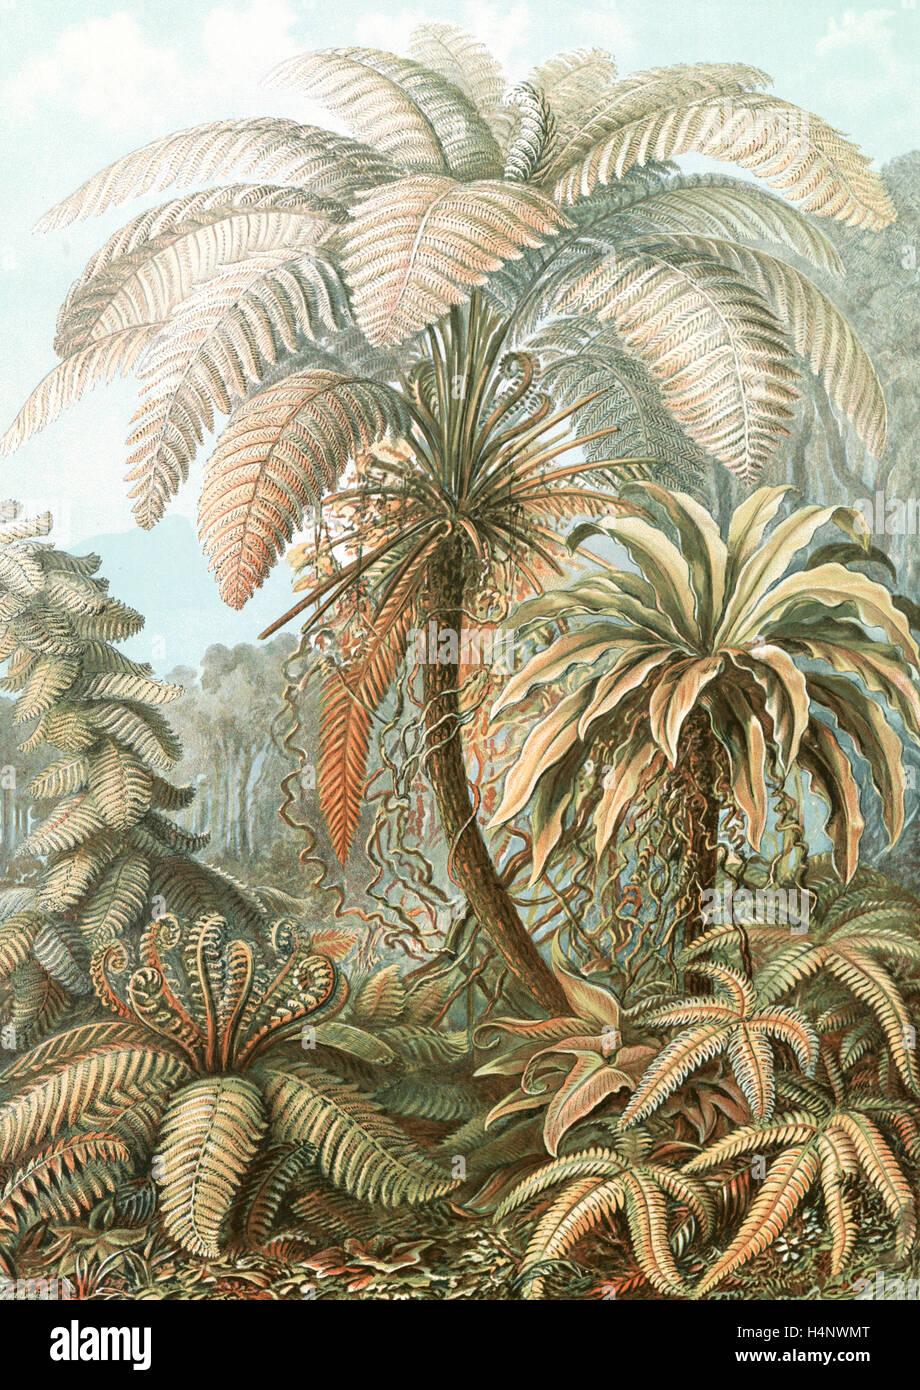 L'illustration montre les fougères. Filicinae. - Laubfarne, 1: impression photomécanique couleur Photo Stock